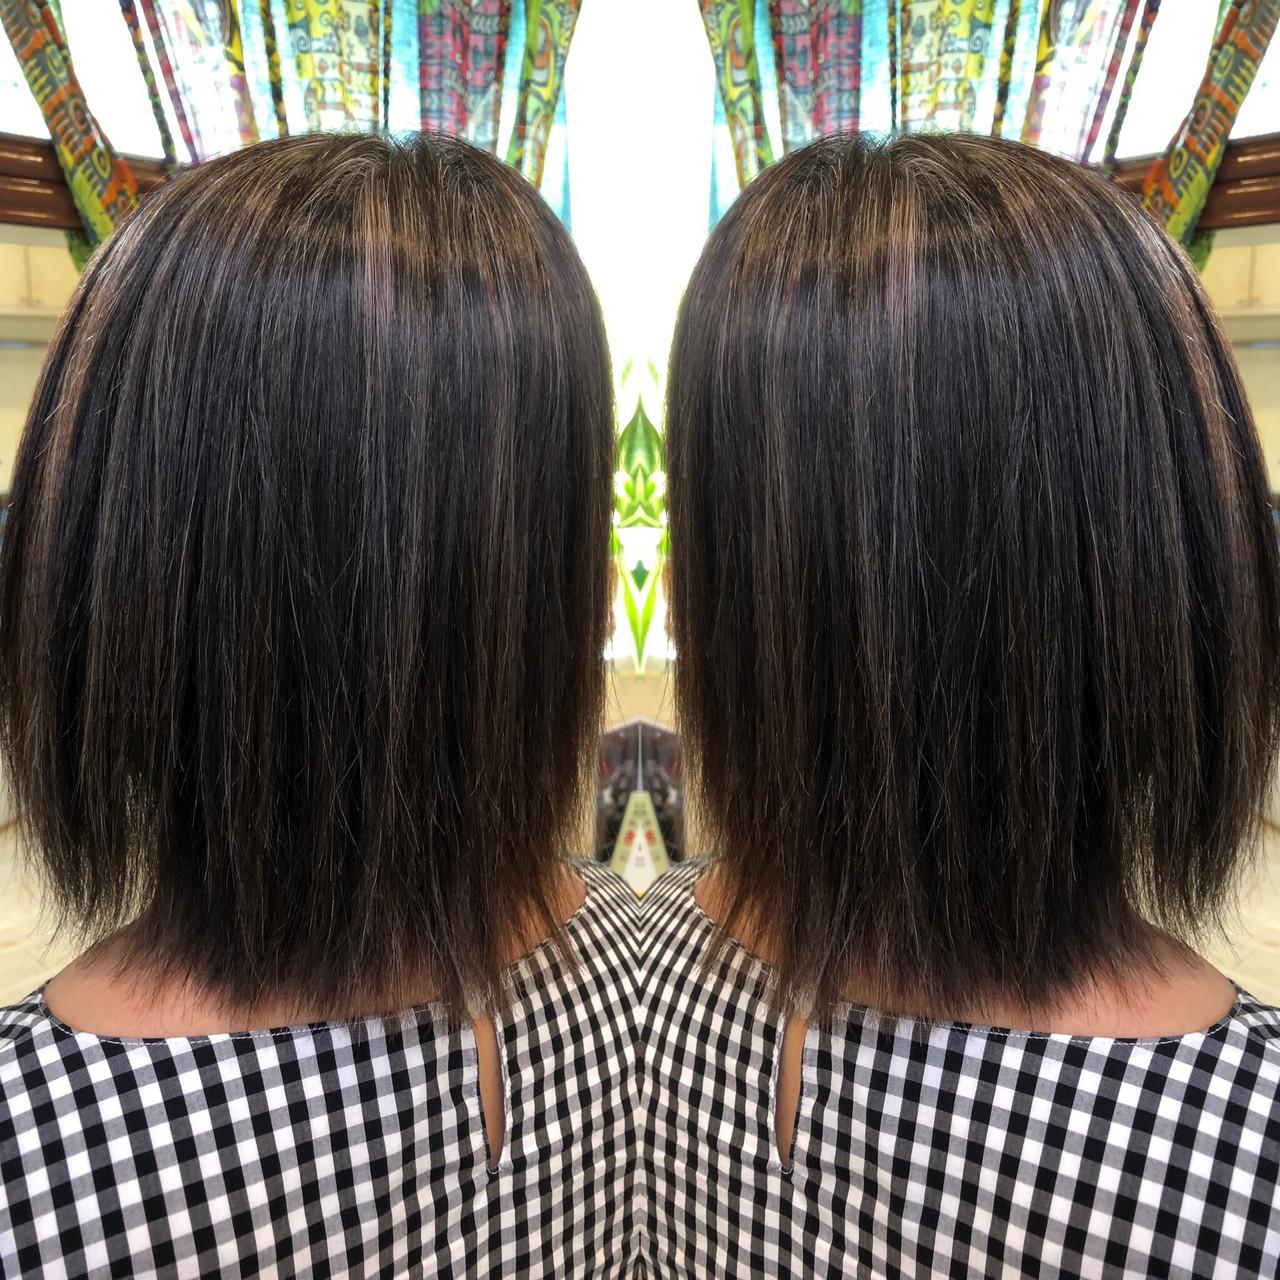 ハイライト コントラストハイライト ボブ 3Dハイライト ヘアスタイルや髪型の写真・画像 | TMe hair/tomoe chiba / TMe hair川崎小田